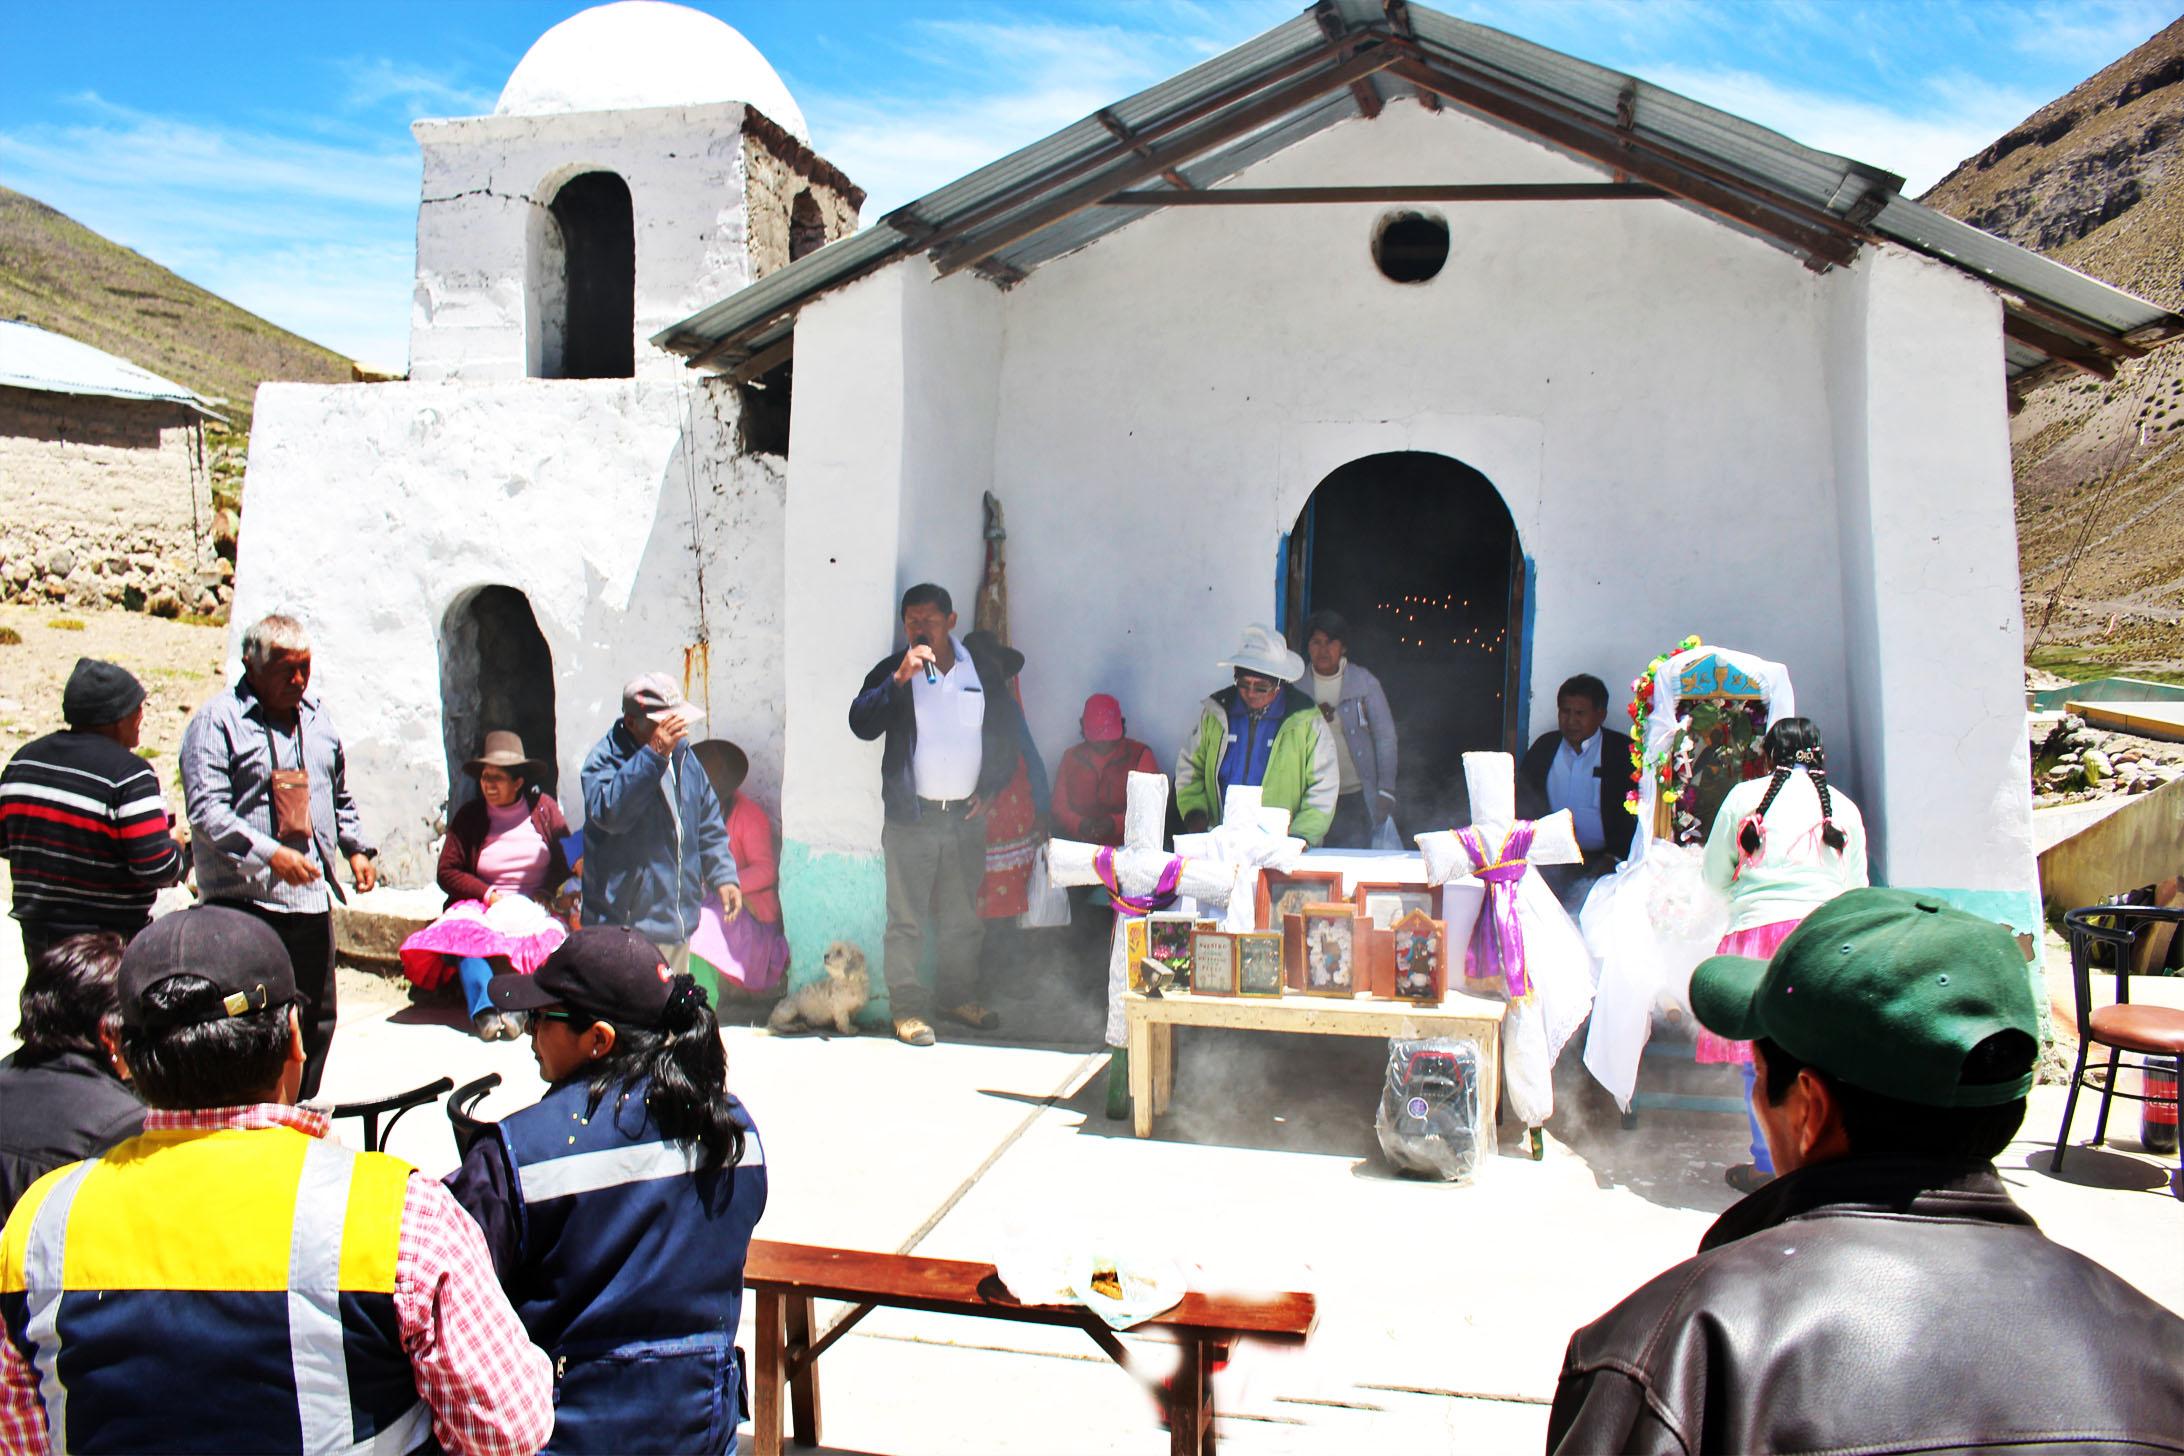 ALCALDE DE TORATA ANUNCIA EL INICIO DEL MANTENIMIENTO DE CERCA DE 30 KILOMETROS DE LA TROCHA CARROZABLE A ASANA